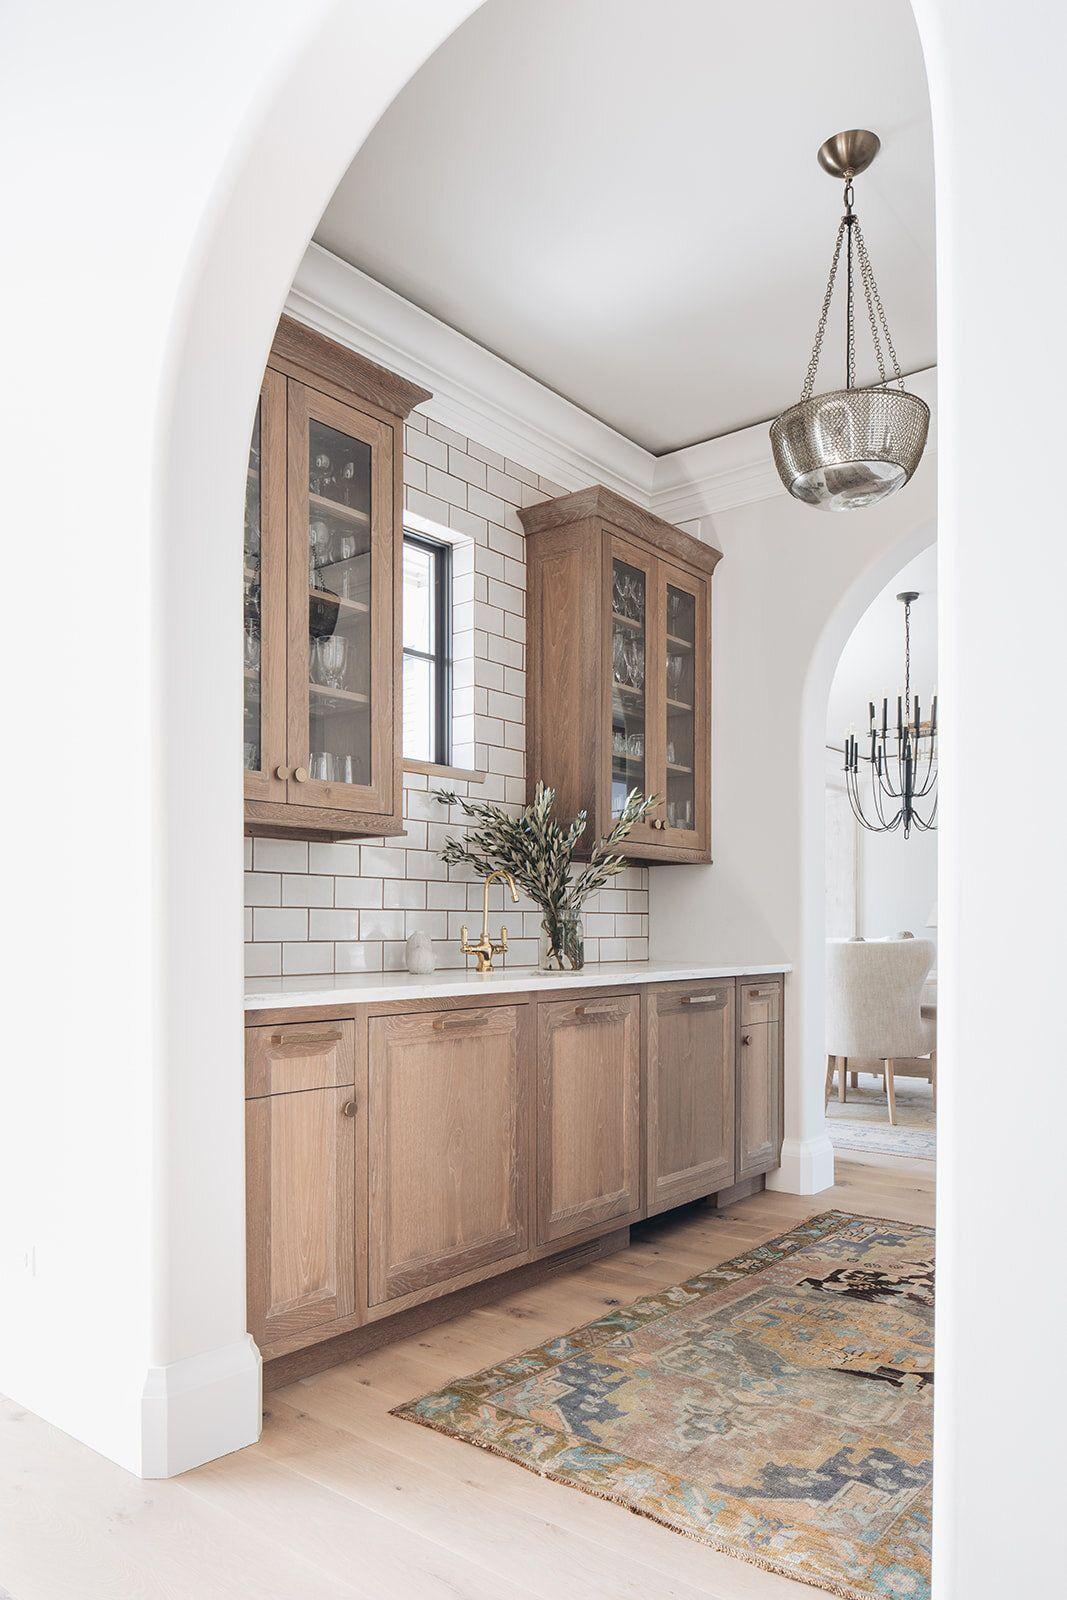 Kitchen Layout Design Tool: #kitchen Design Online Tools #online Kitchen Design